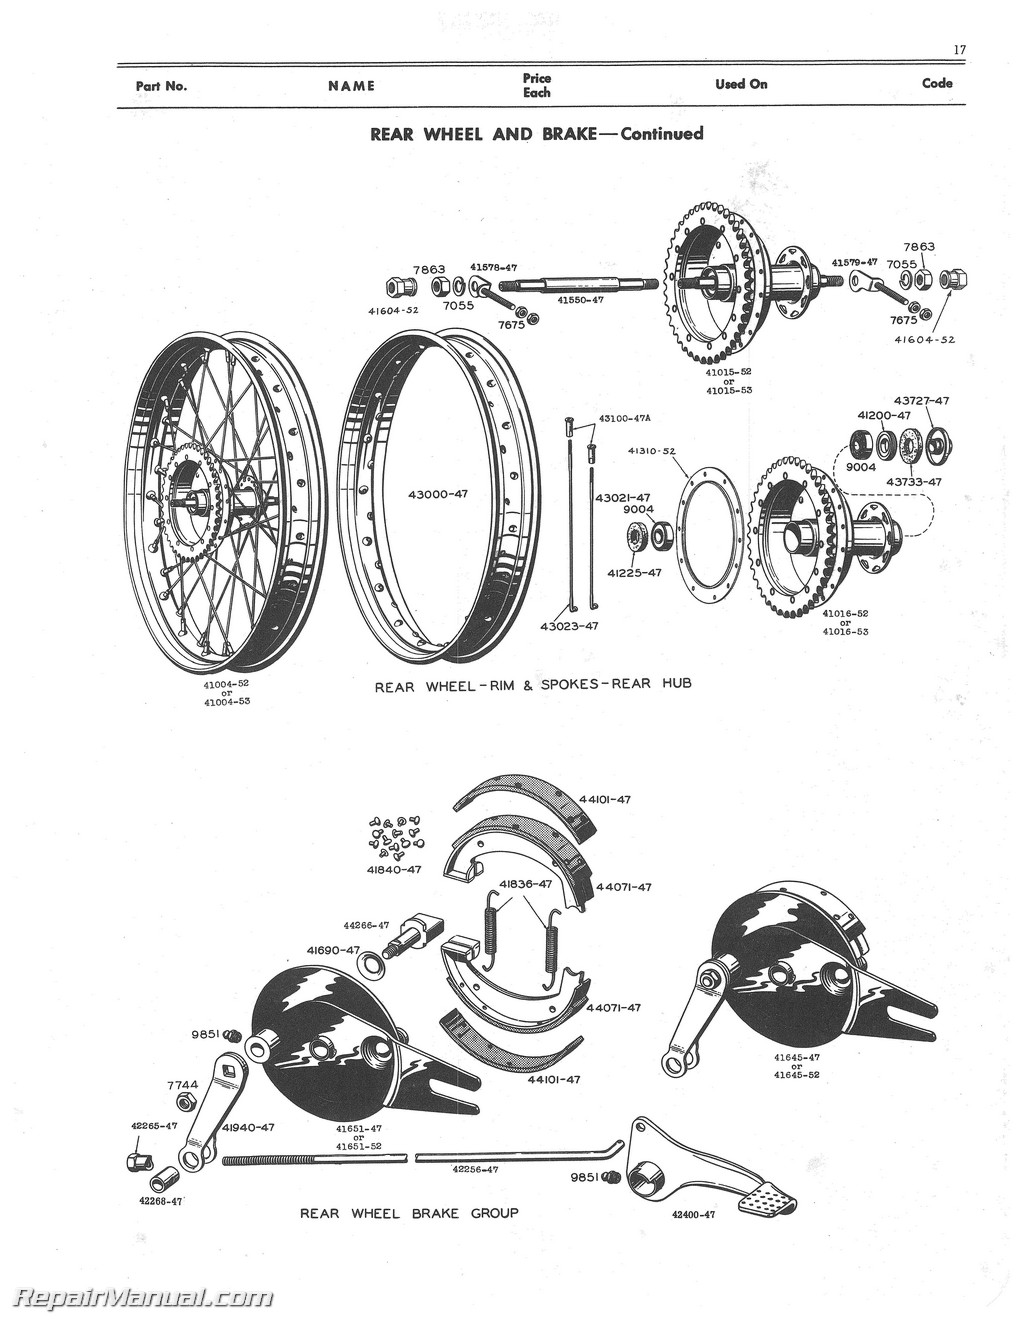 Harley Oem Parts Diagram